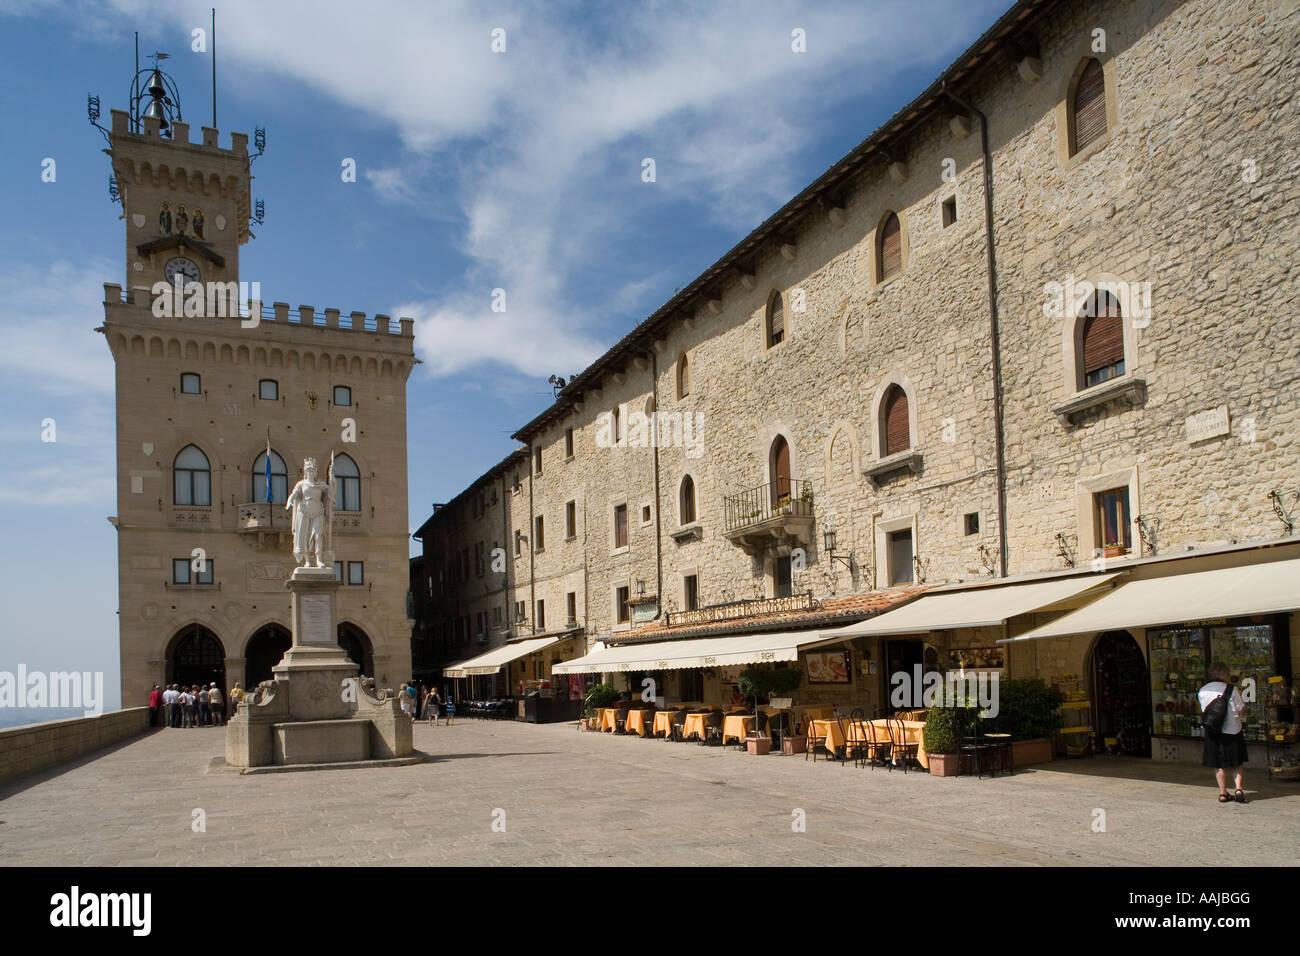 Piazza della Liberta Palazzo Pubblico Republic of San Marino - Stock Image